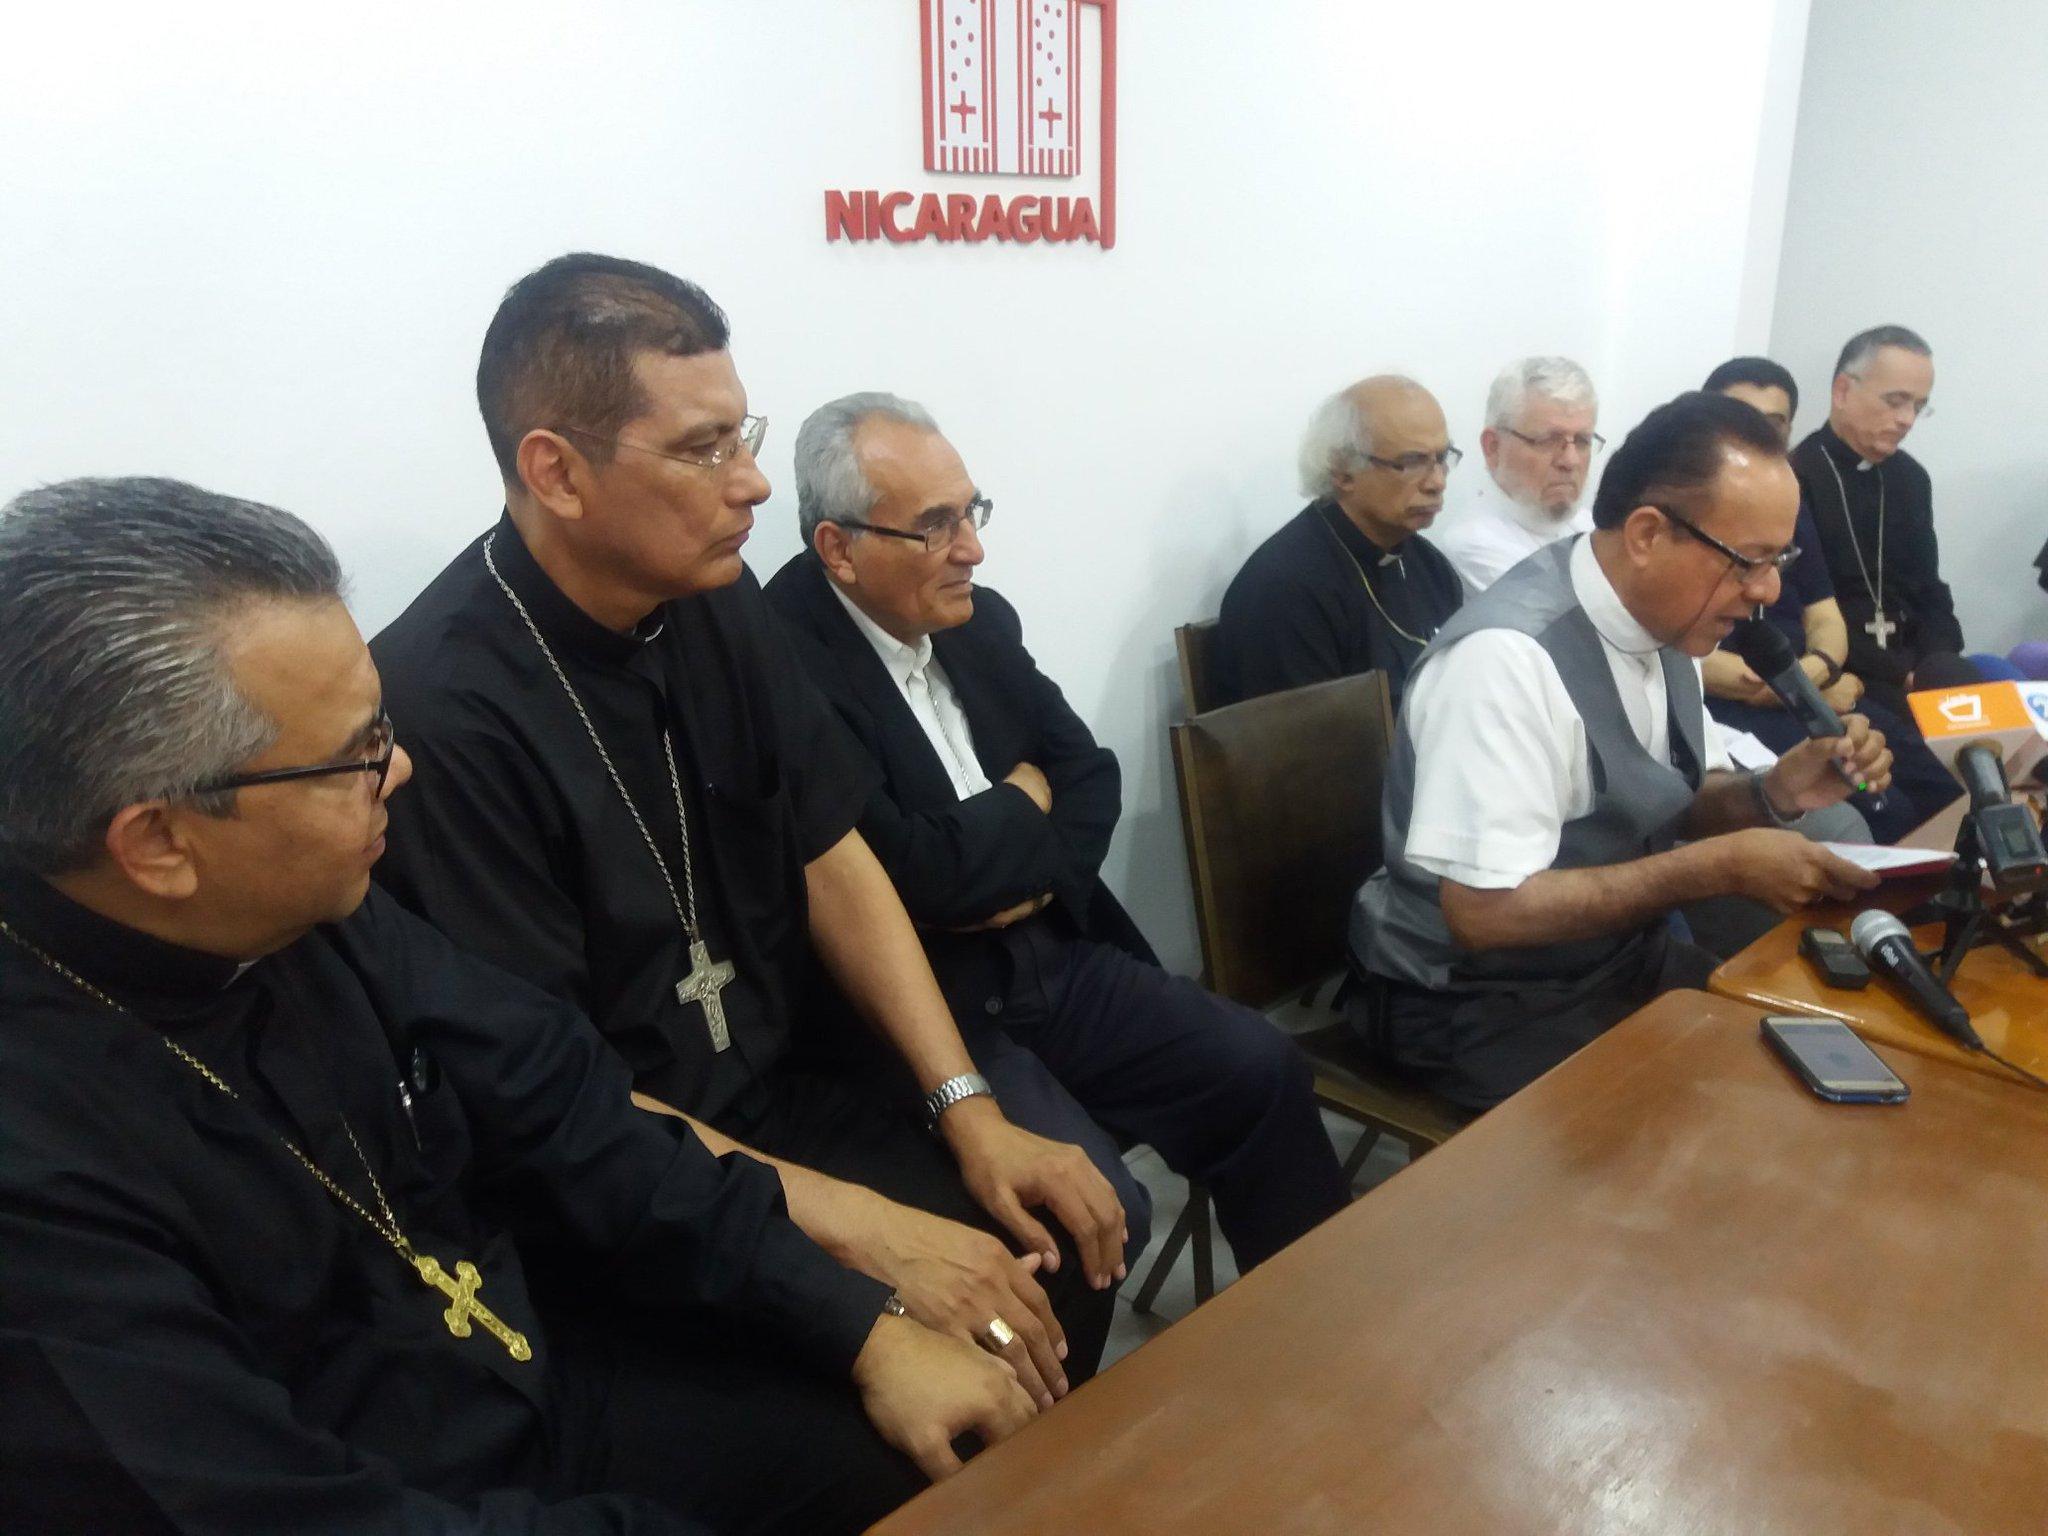 Episcopado nicaragüense opta por los equilibrios y defiende al obispo Báez. Foto: Emiliano Chamorro